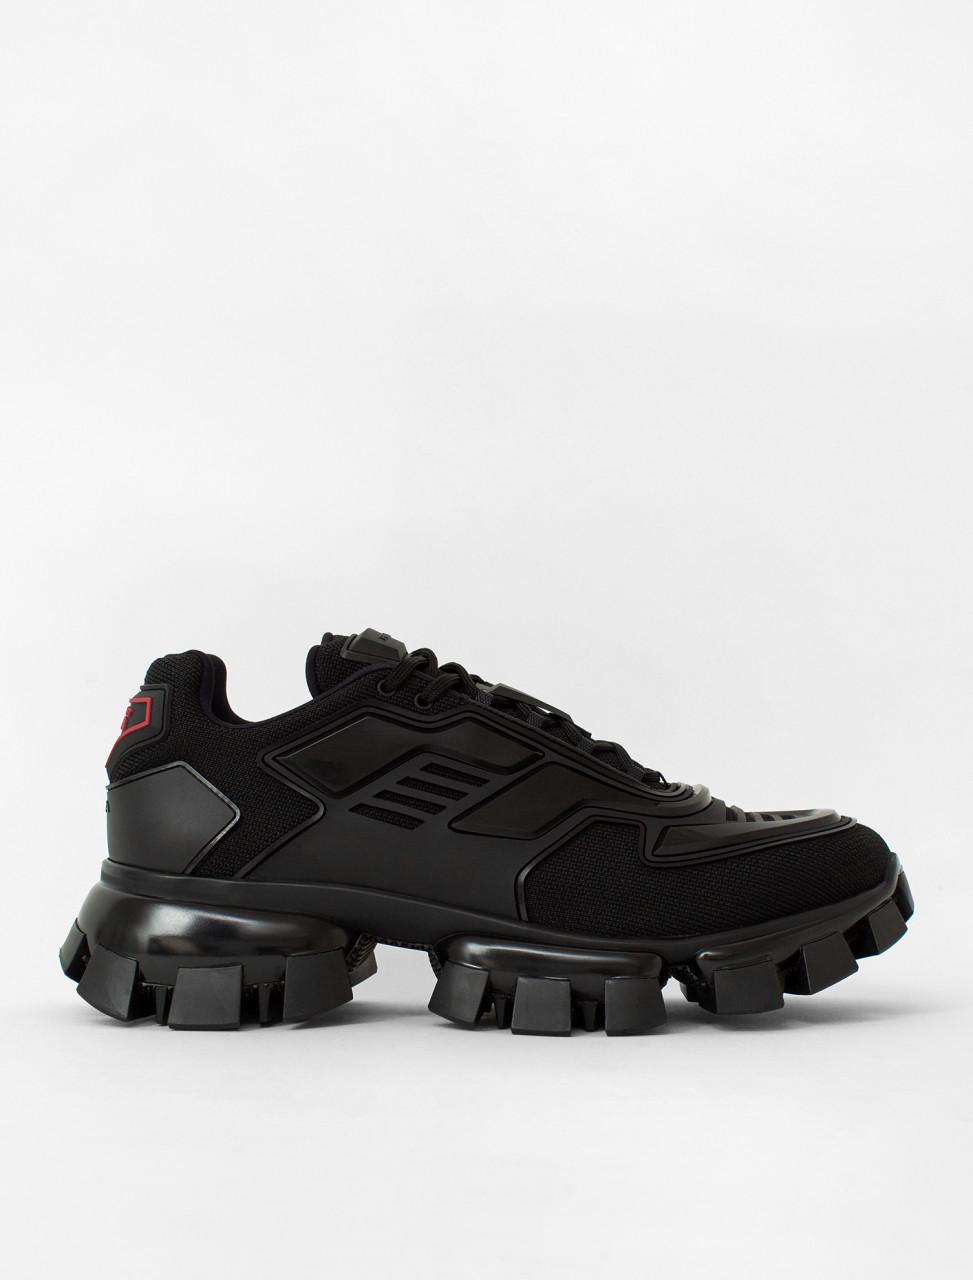 Cloudbust Thunder Knit Menswear Sneaker